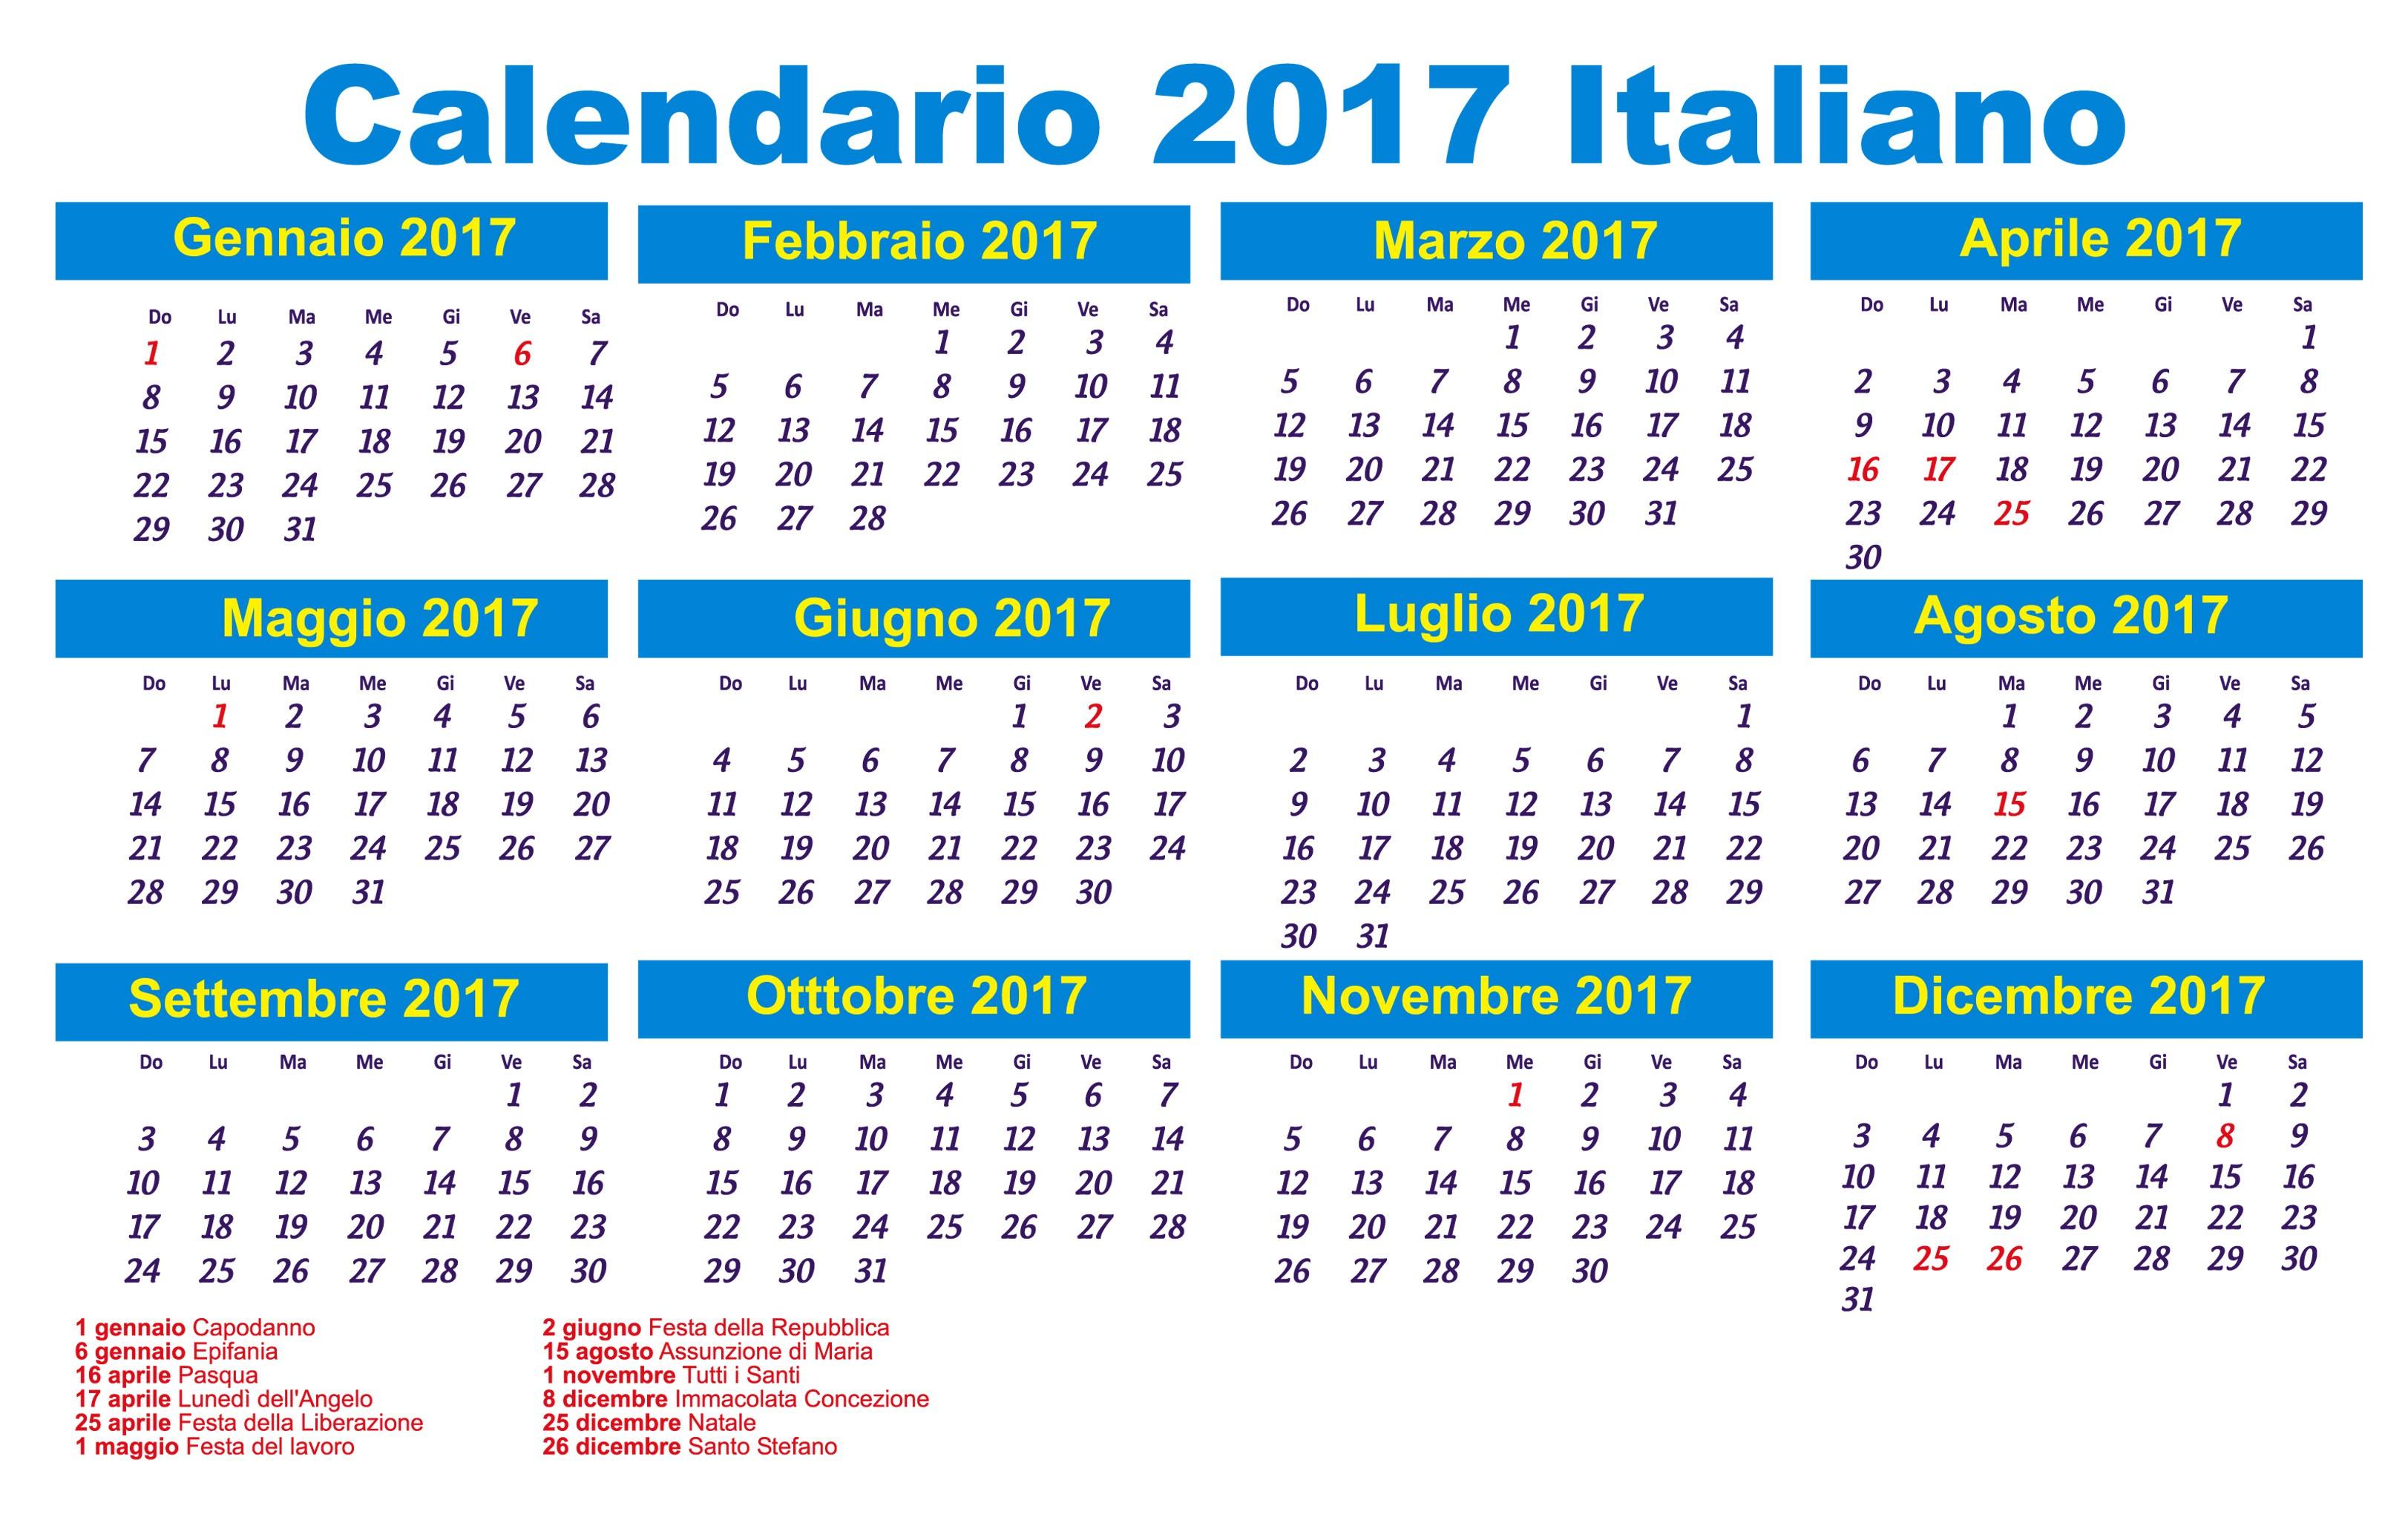 calendario 2017 italiano con festivit